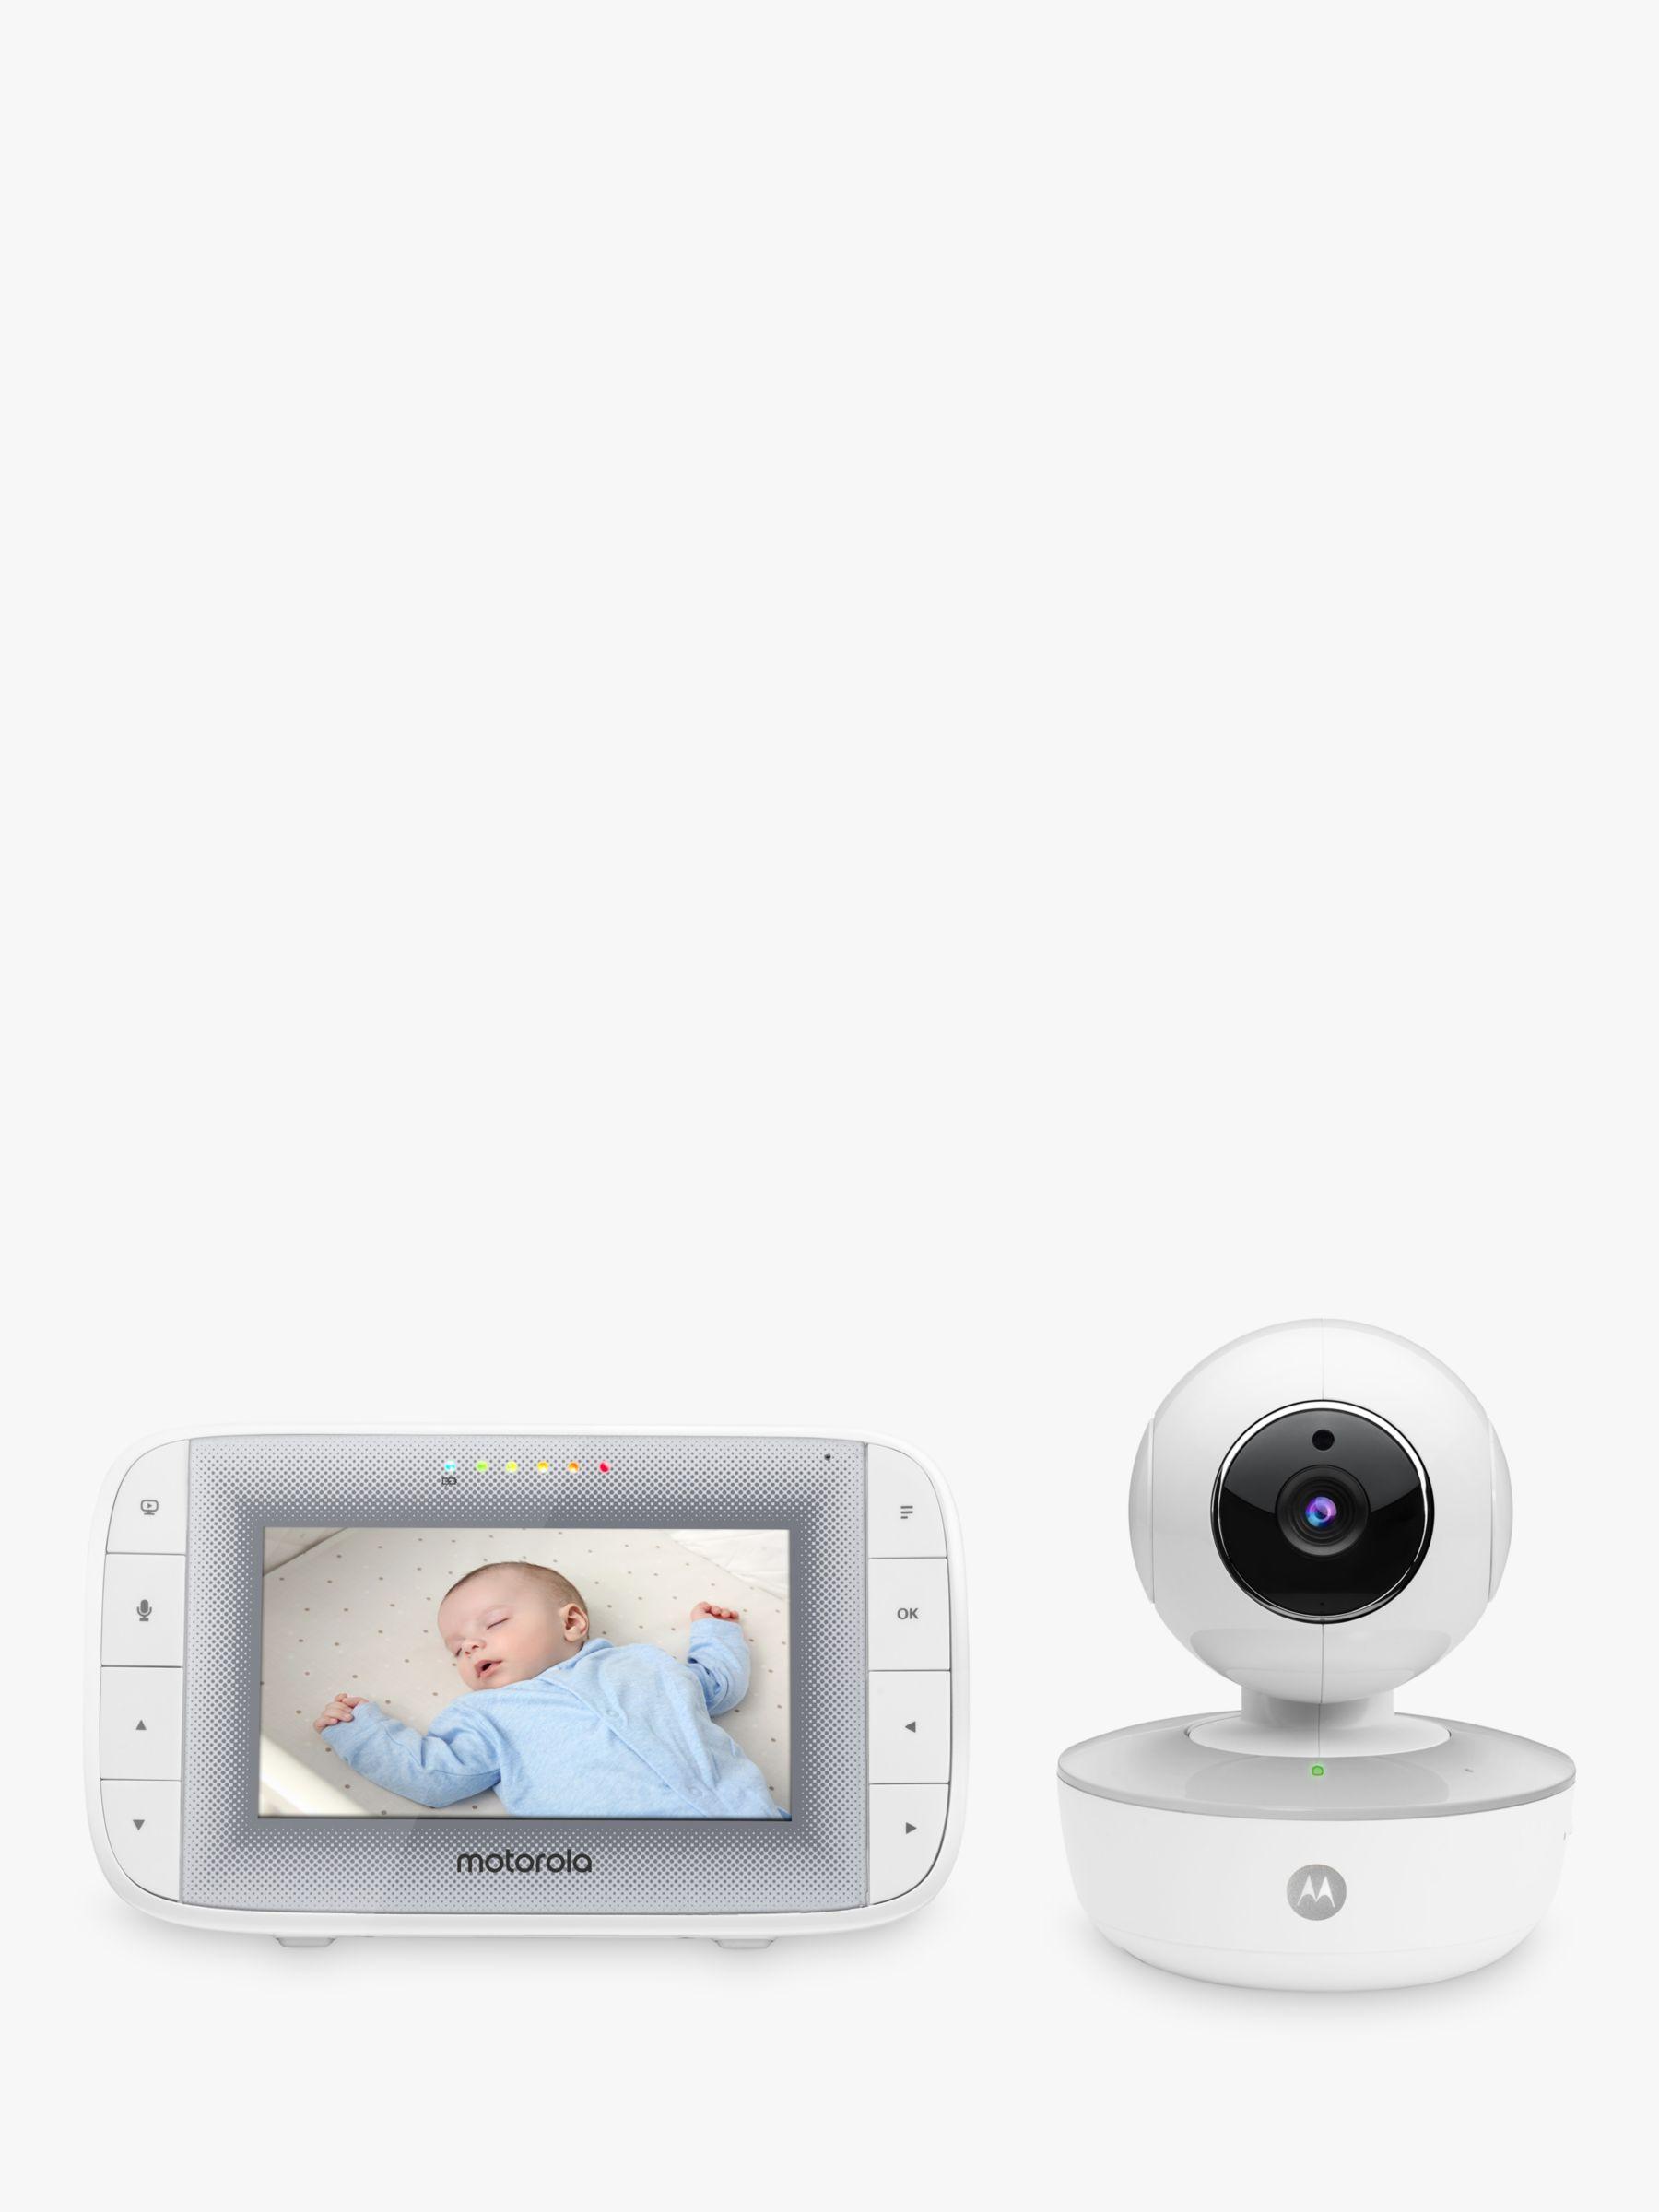 Motorola Motorola MBP846 Connect Video Baby Monitor